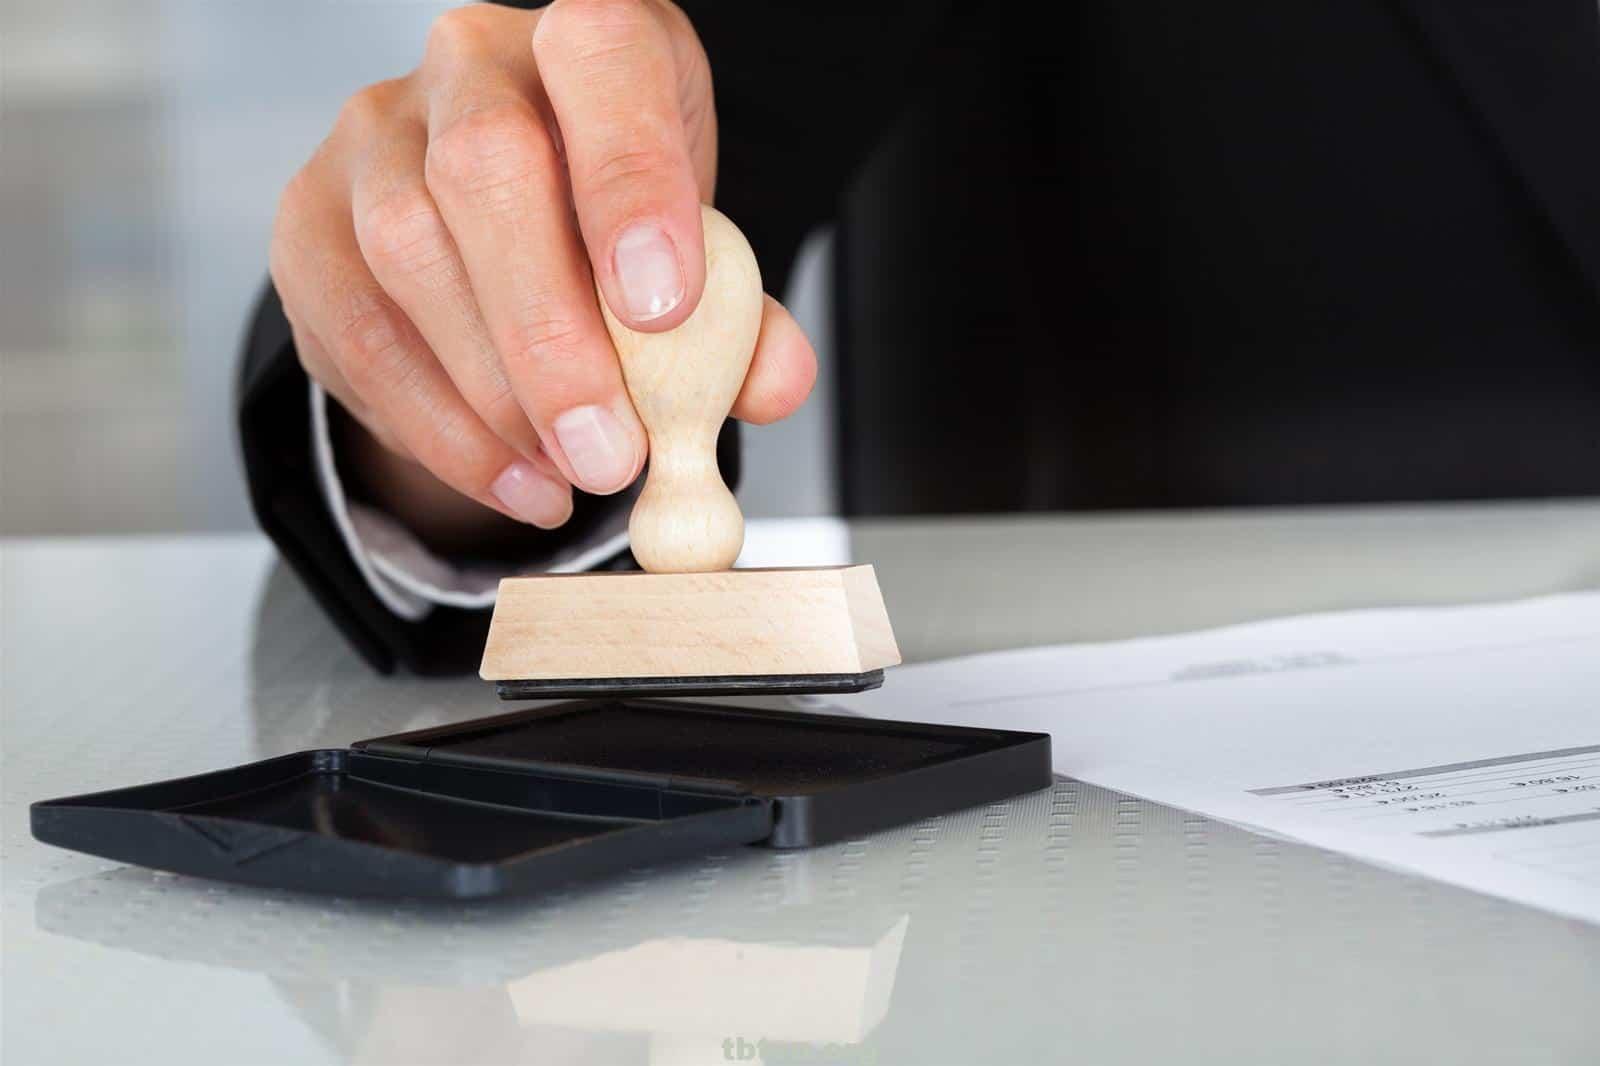 Làm con dấu là bước vô cùng quan trọng khi đăng ký kinh doanh